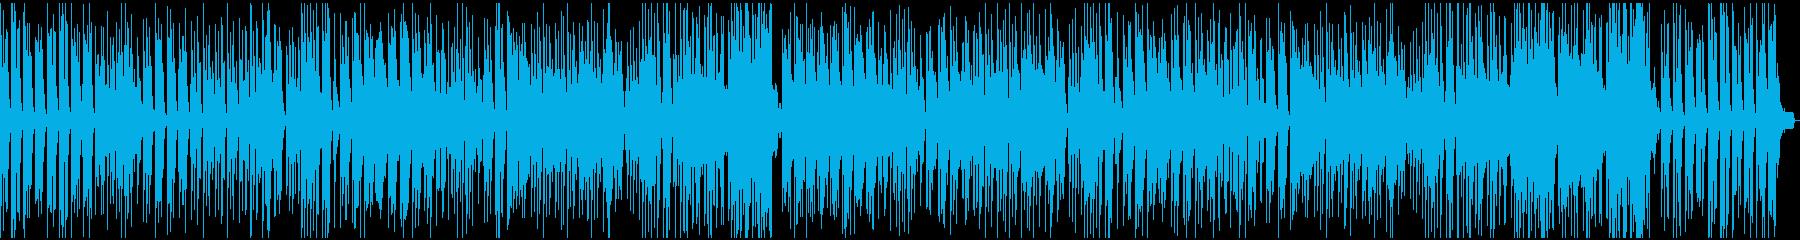 心穏やかなるピアノのソロ曲の再生済みの波形